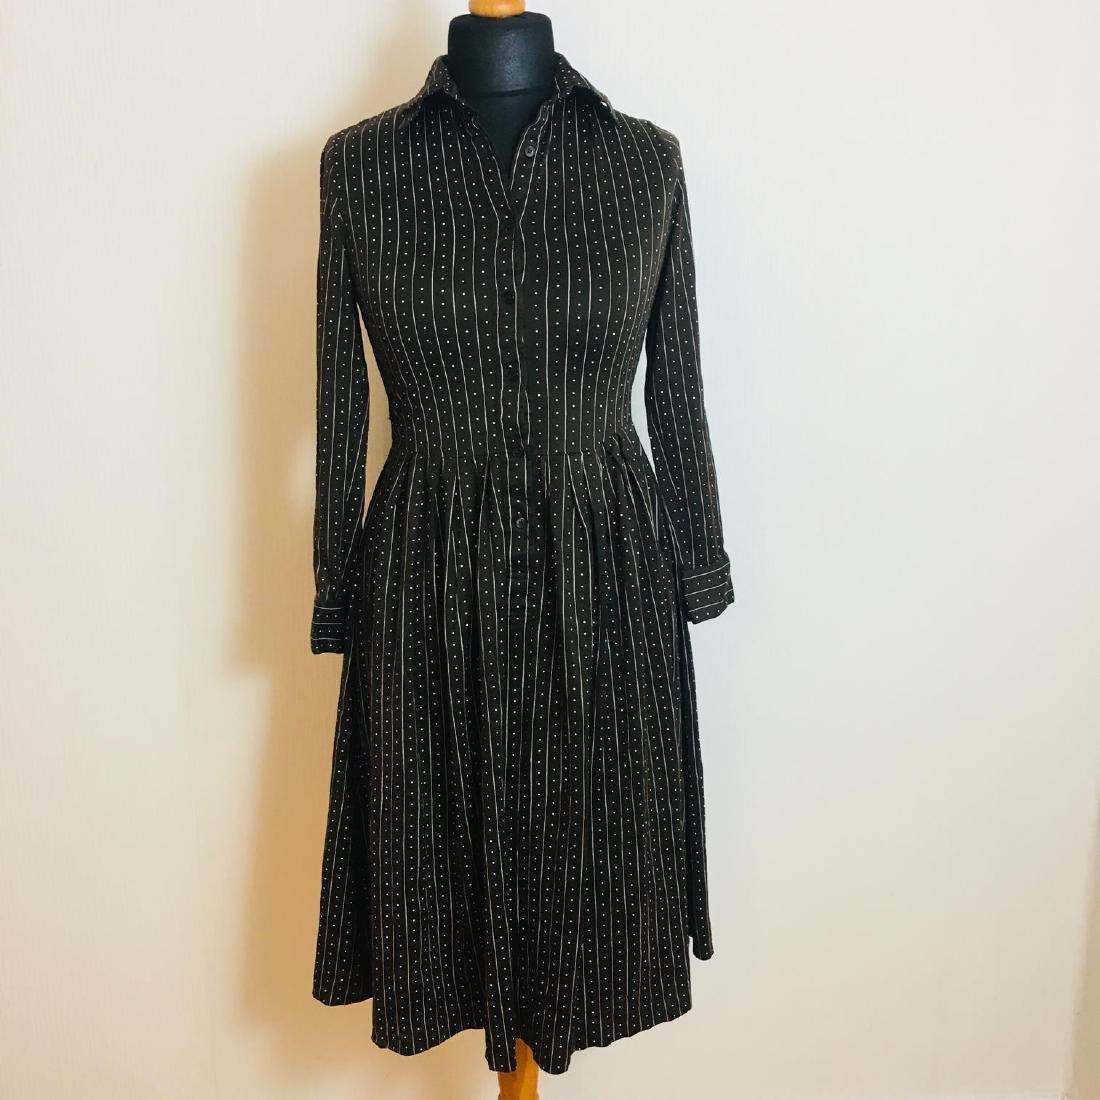 Vintage Women's Cocktail Evening Dress Size EUR 38 US 8